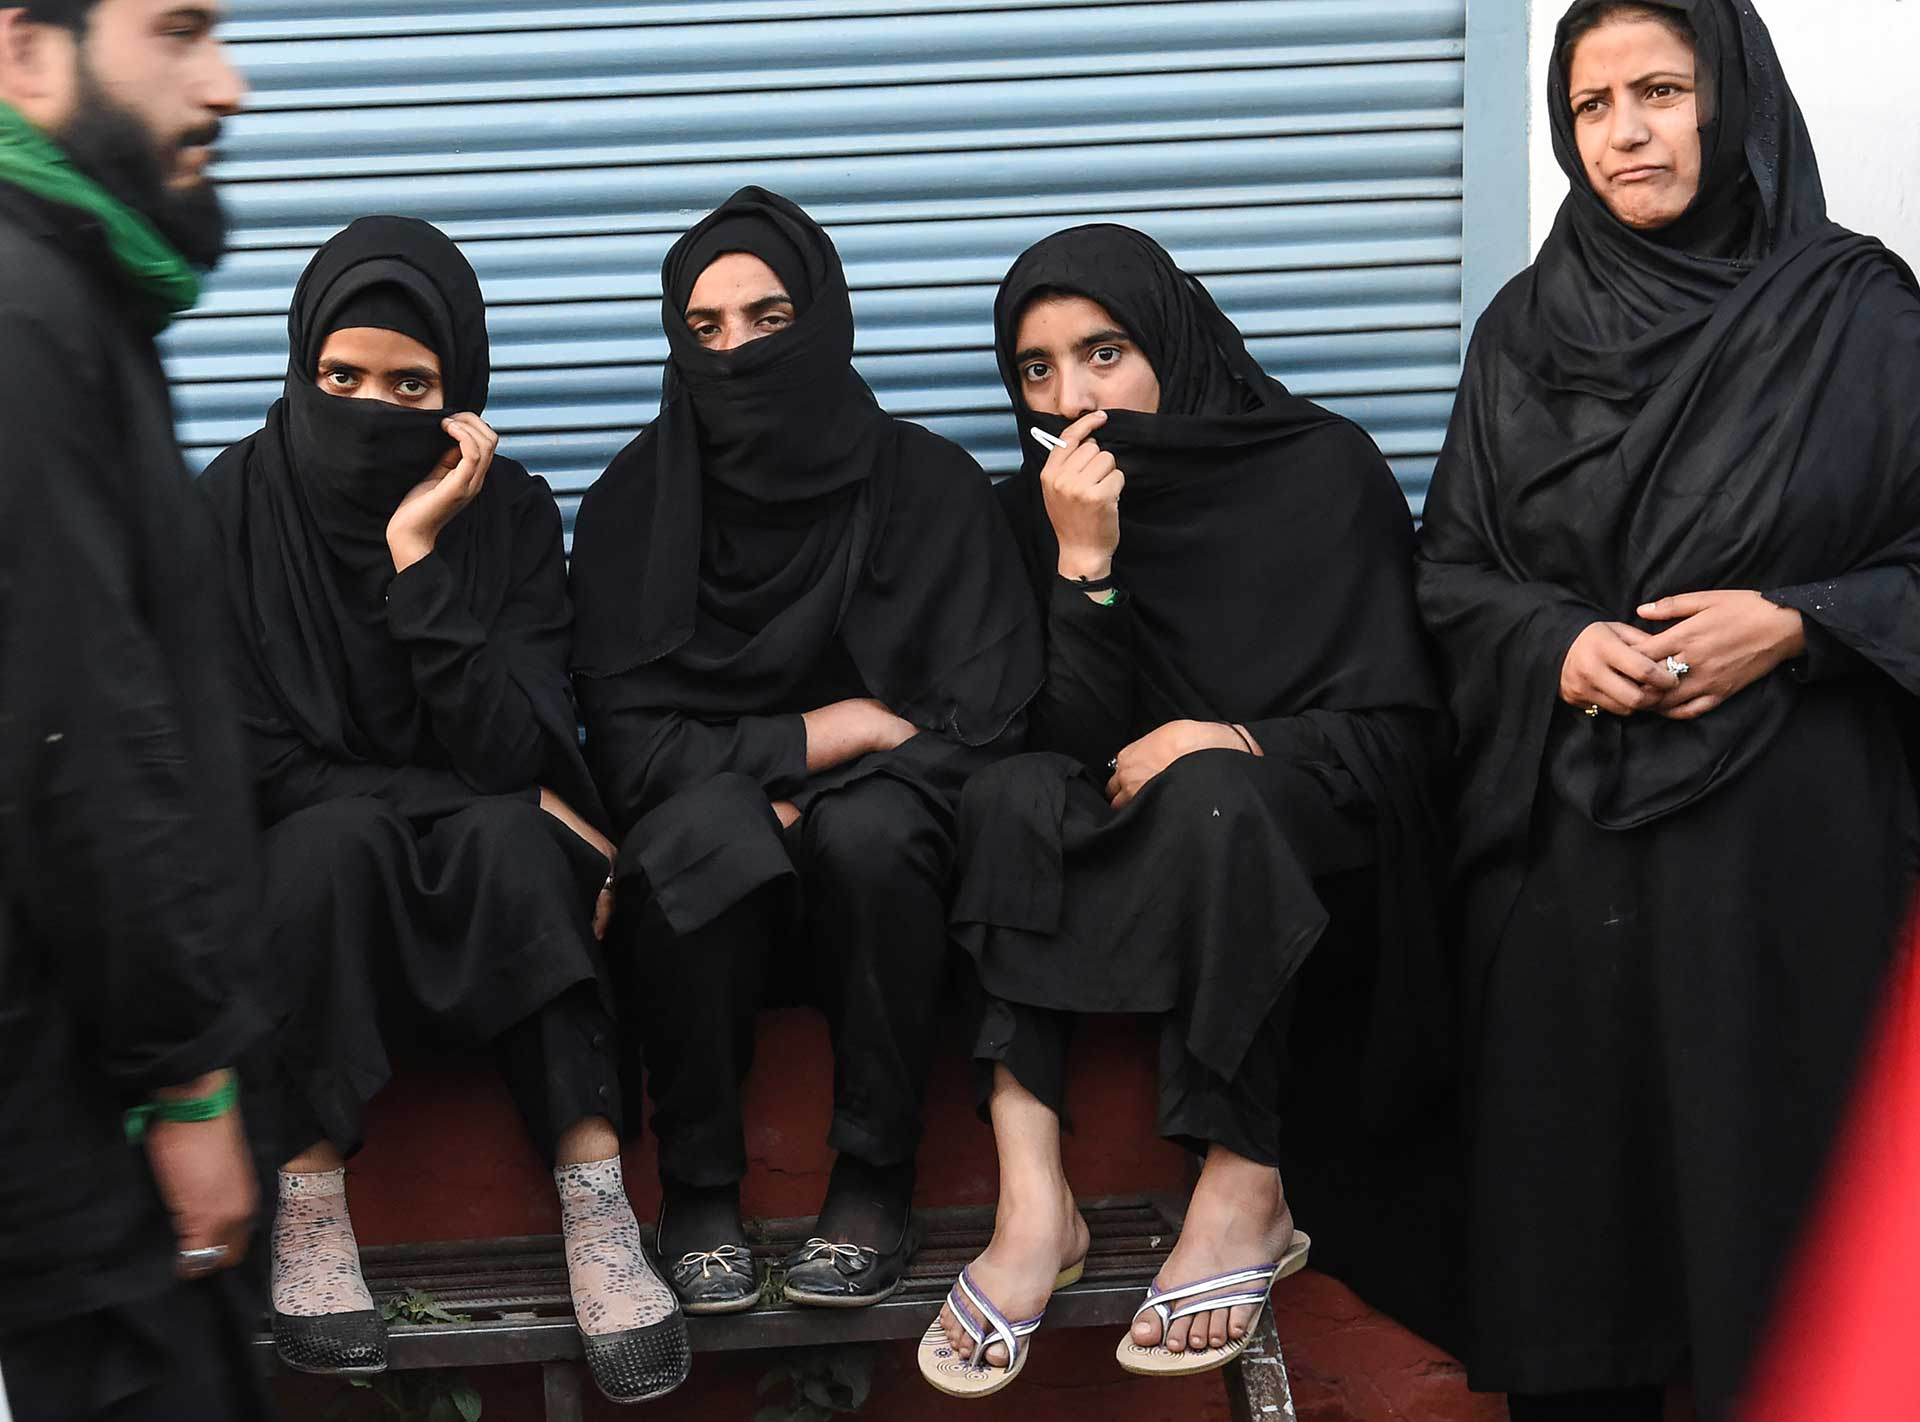 Un grupo de mujeres observa cómo los hombres se azotan en Pakistán (AFP)